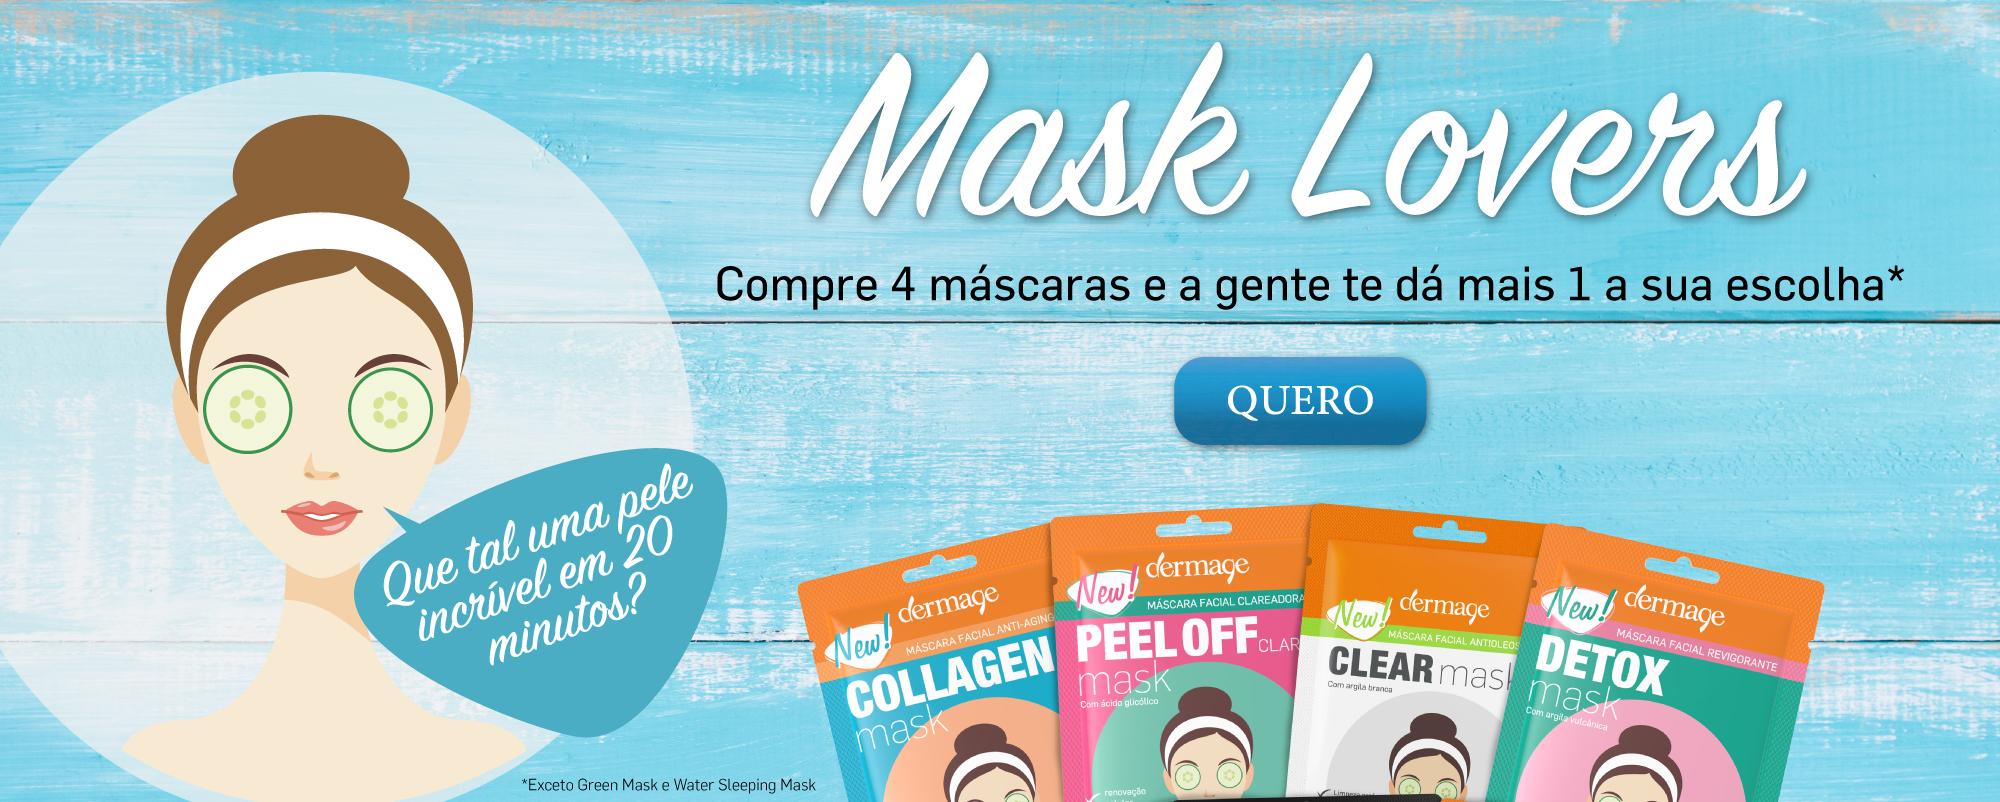 Promoção Máscara